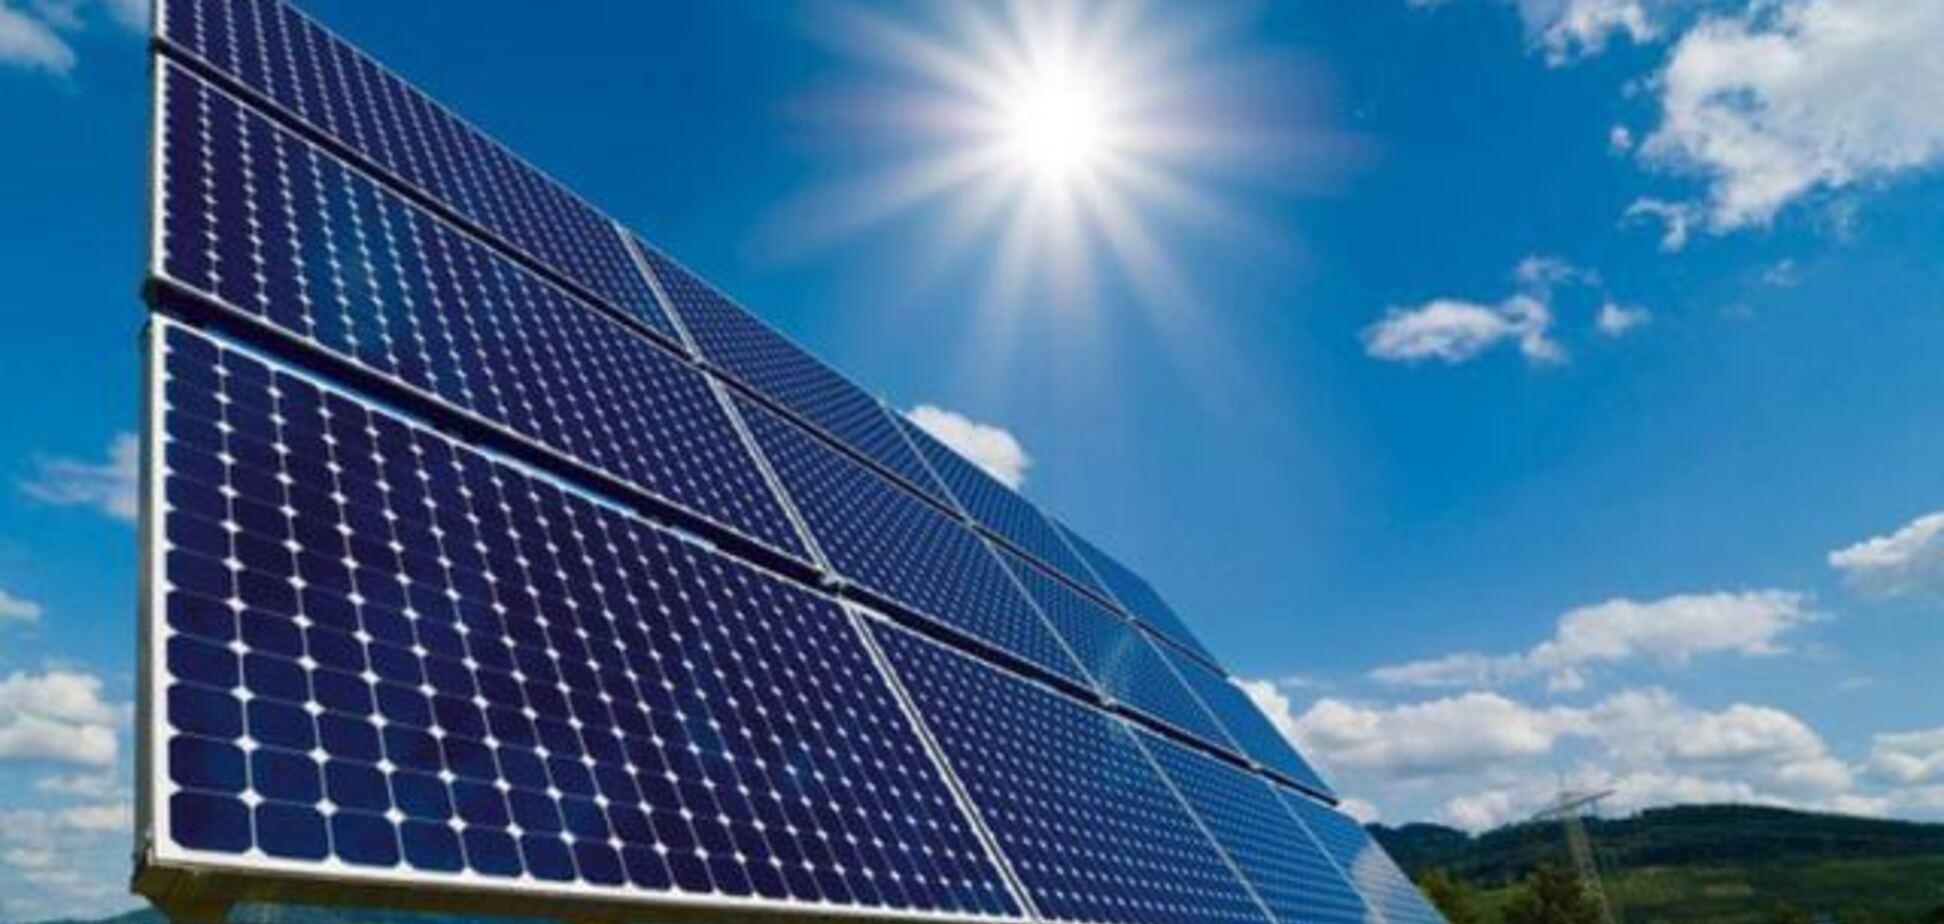 Радіоактивні і притягують блискавки? Розвінчано 5 міфів сонячної енергетики